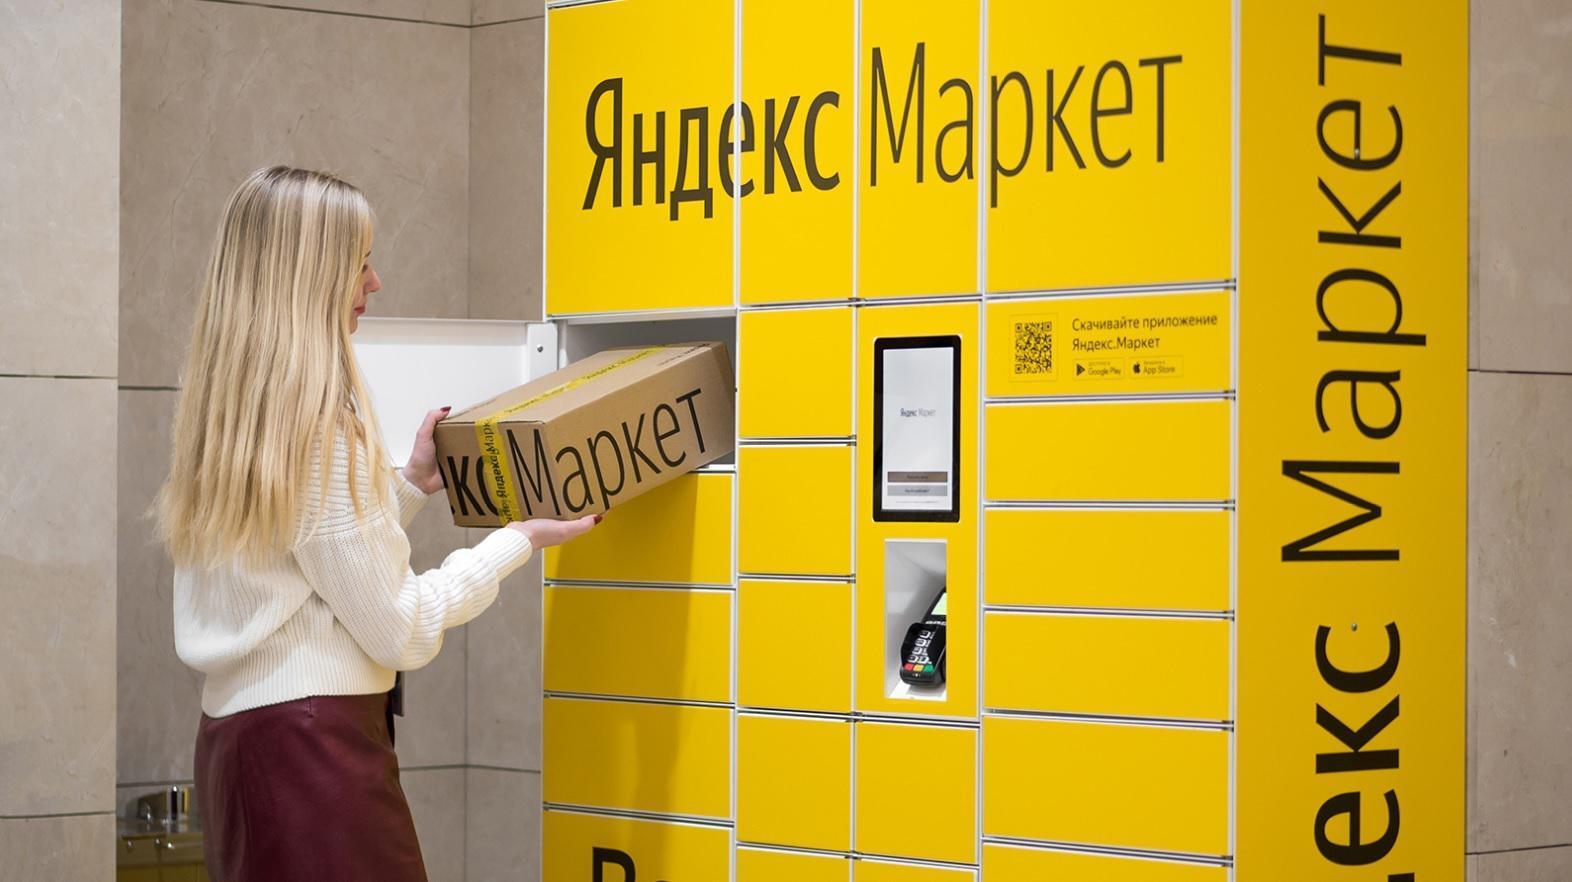 Яндекс.Маркет повысил вознаграждение для авторов контента